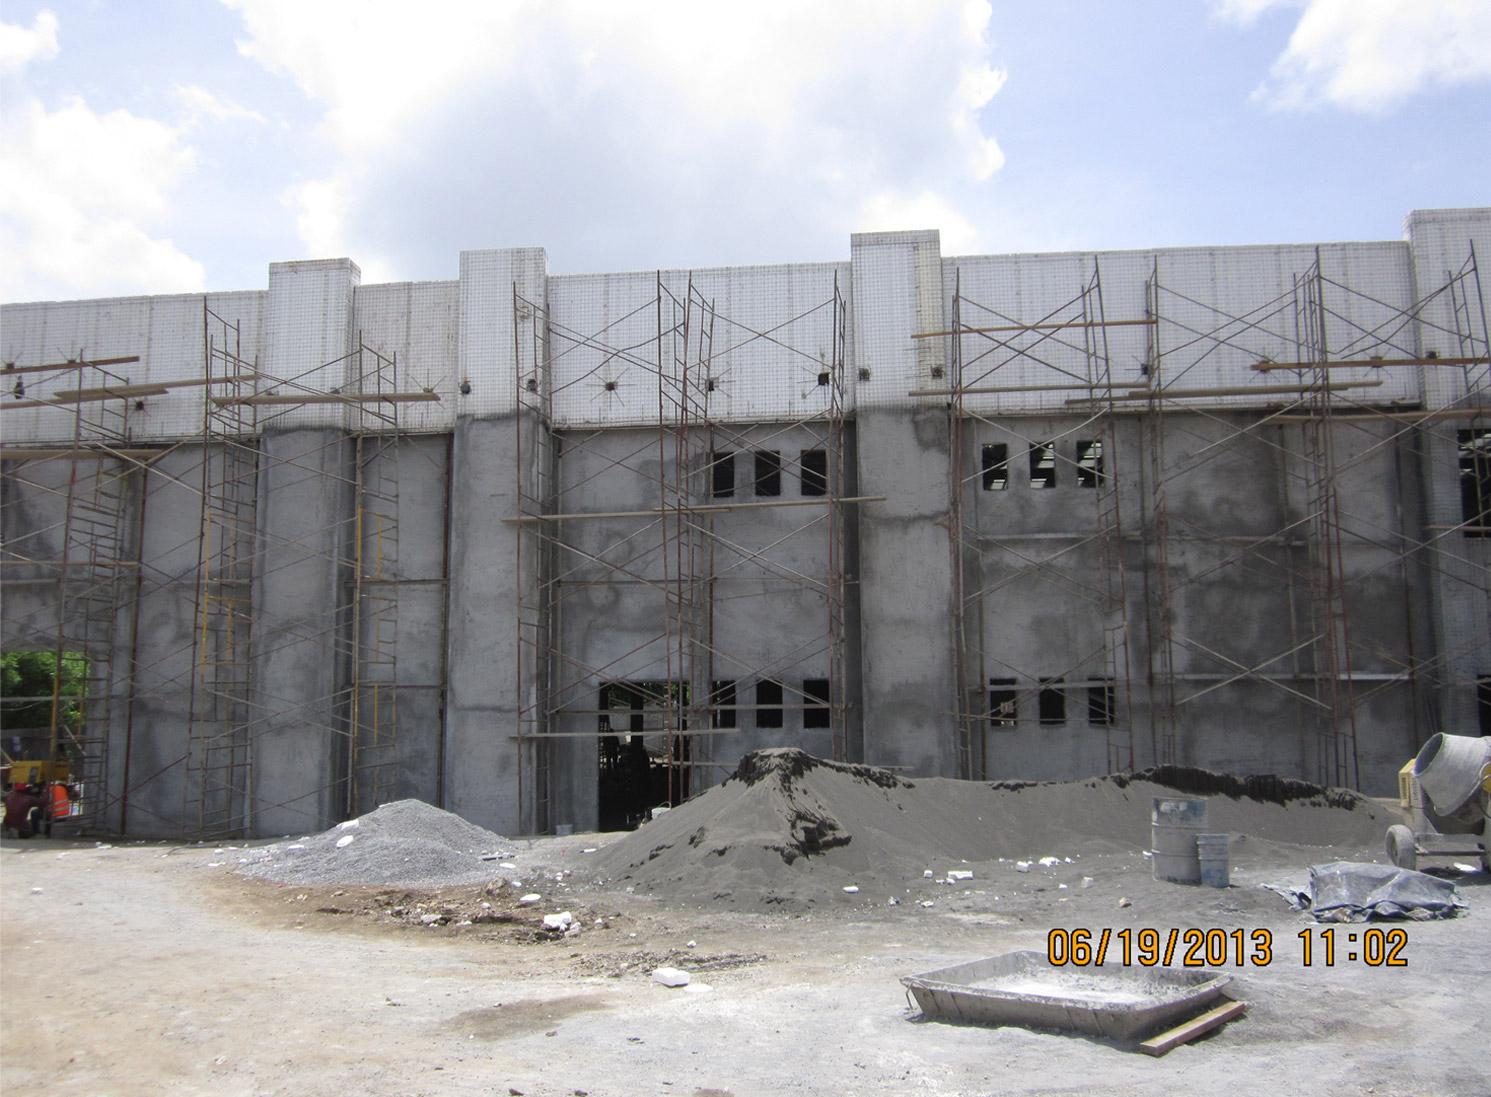 Edificio-pablo-antonio-cuadra-hispamer-emmedue-m2